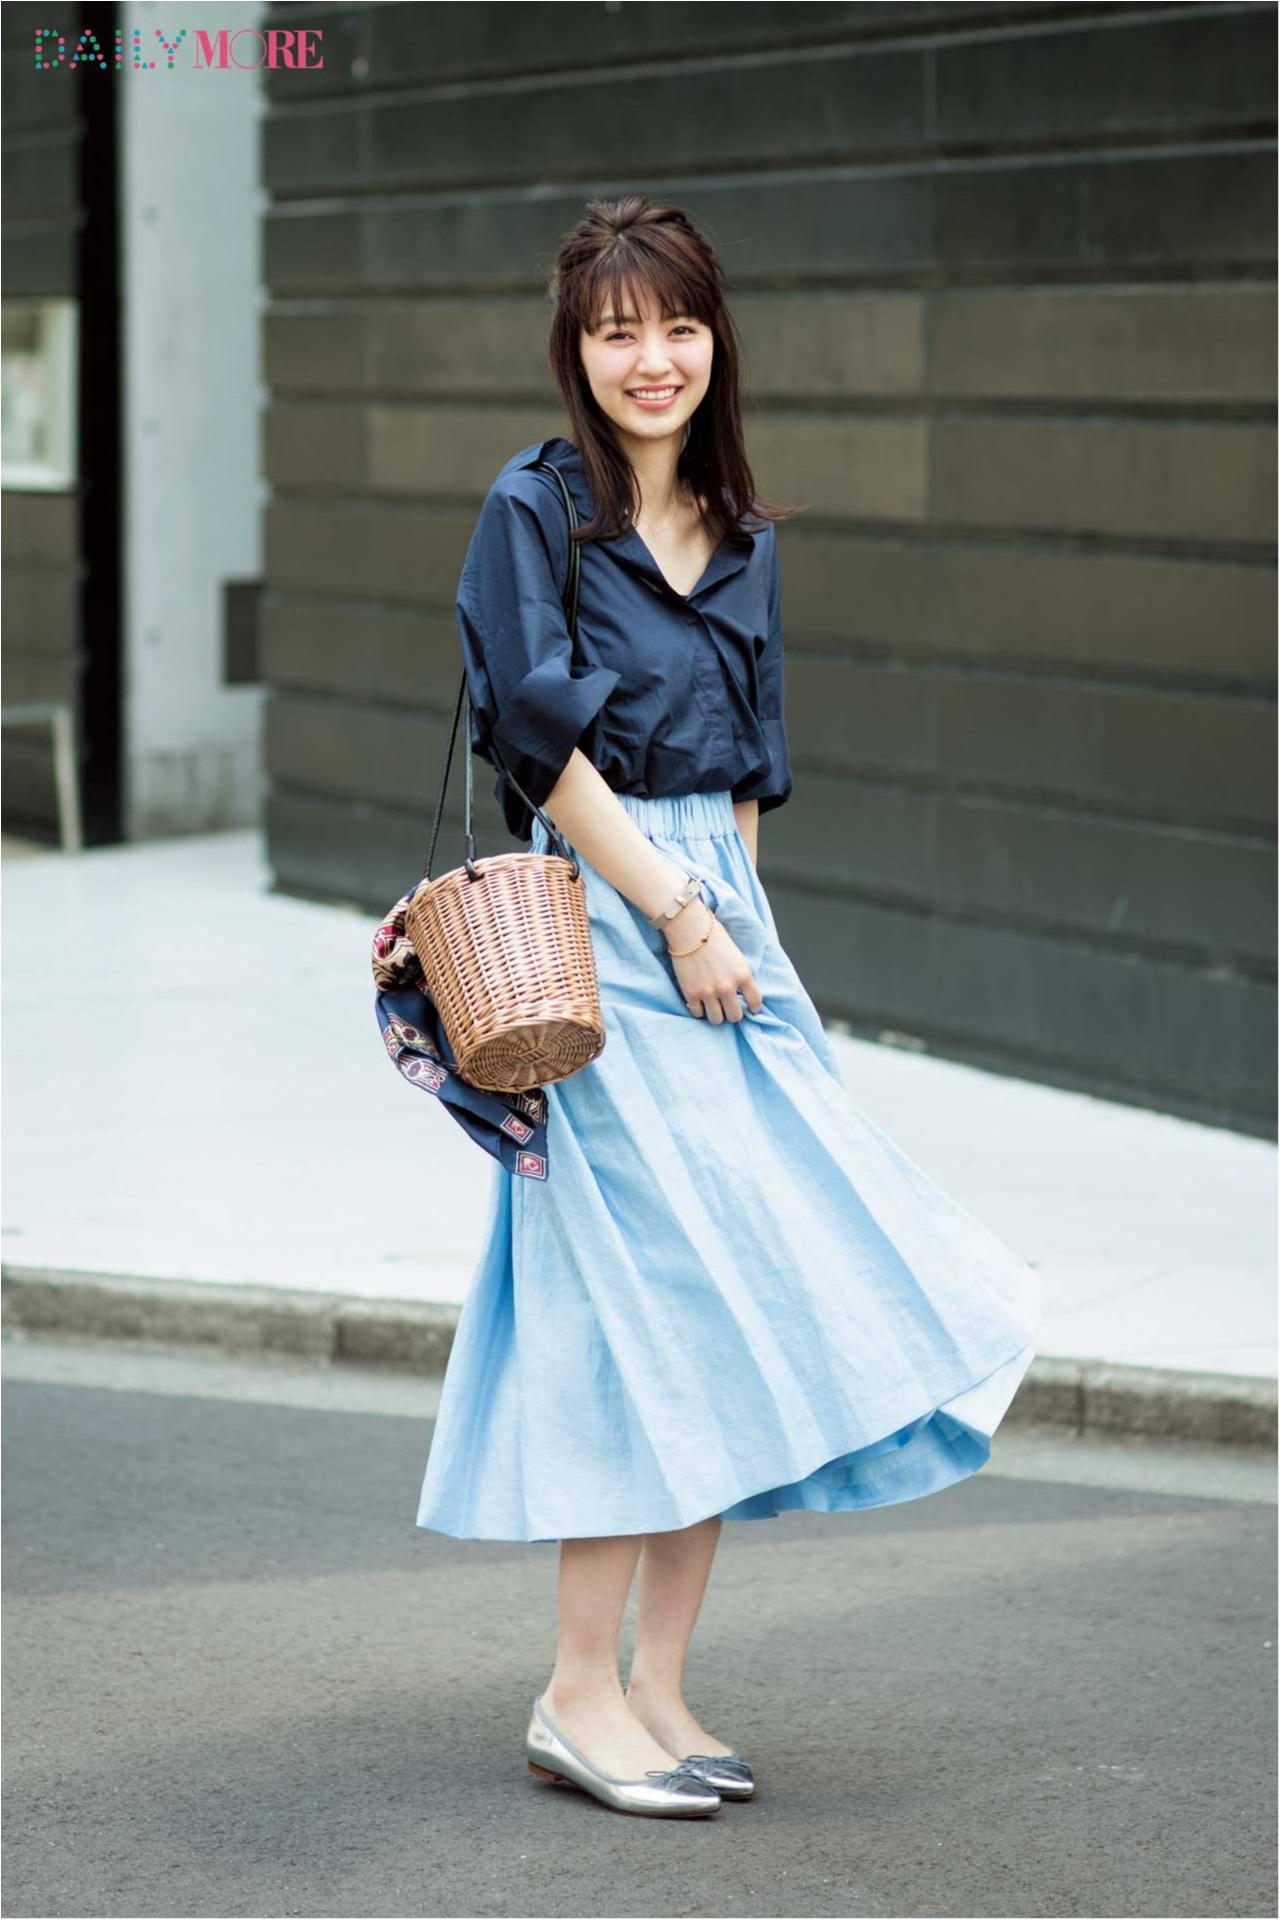 寒色系コーデながらとっても女性らしいファッションの逢沢りなさん。かごバッグが夏らしいですね。